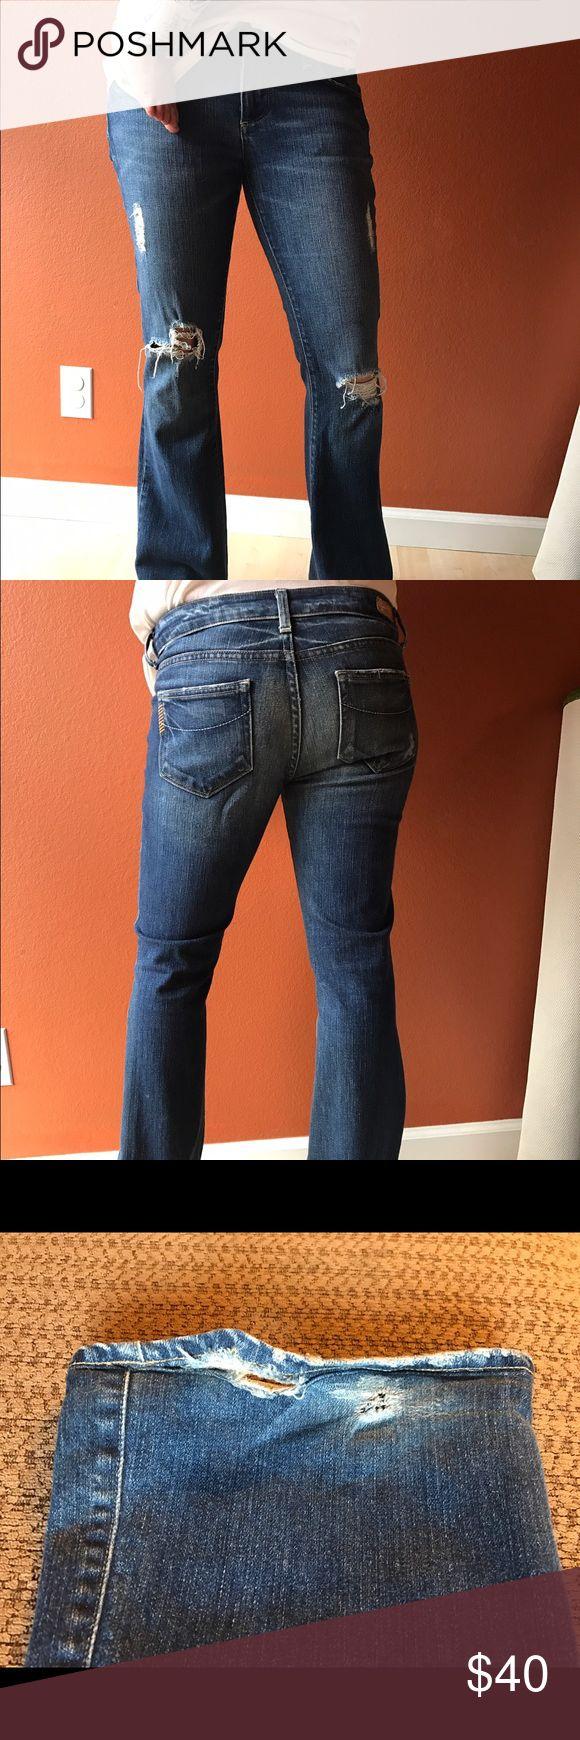 Paige Premium Denim Bell Canyon Paige Jeans Paige Jeans Jeans Boot Cut